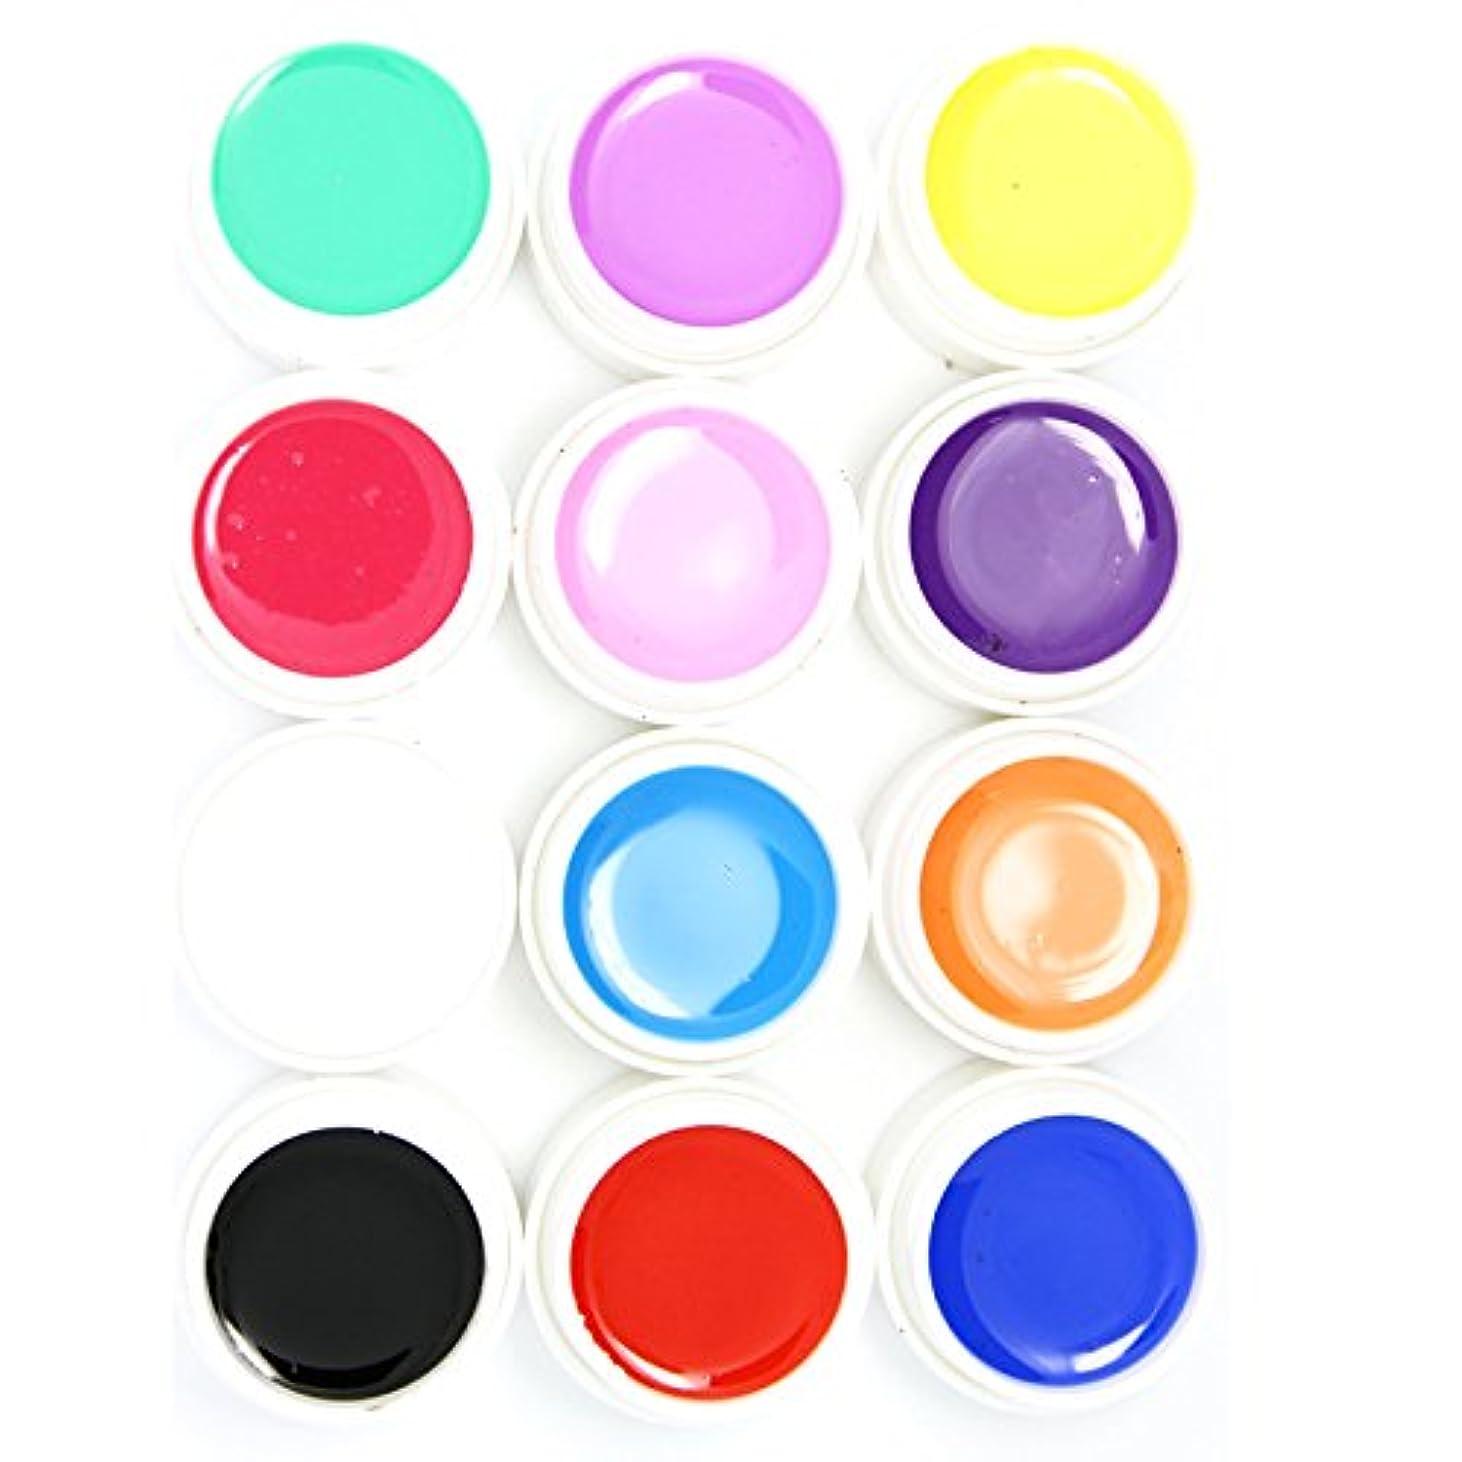 タイプエゴイズム上陸カラー ジェル UVジェル ネイルアート 発色綺麗 12色セット (1)